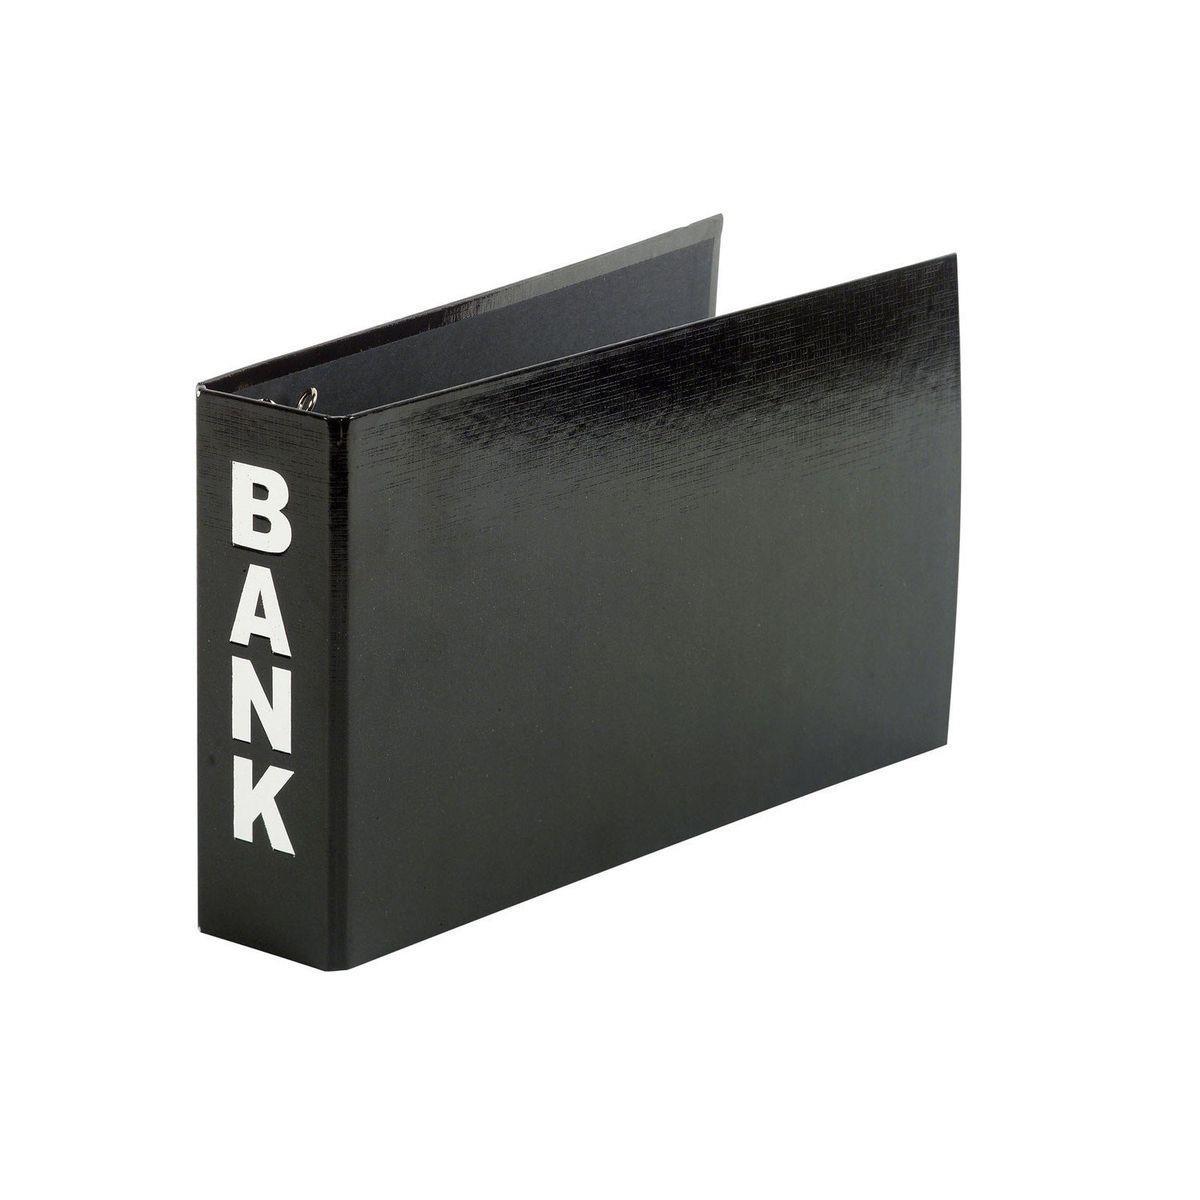 Pagna® Bankordner Color-Einband - für Format A5, Farbe schwarz